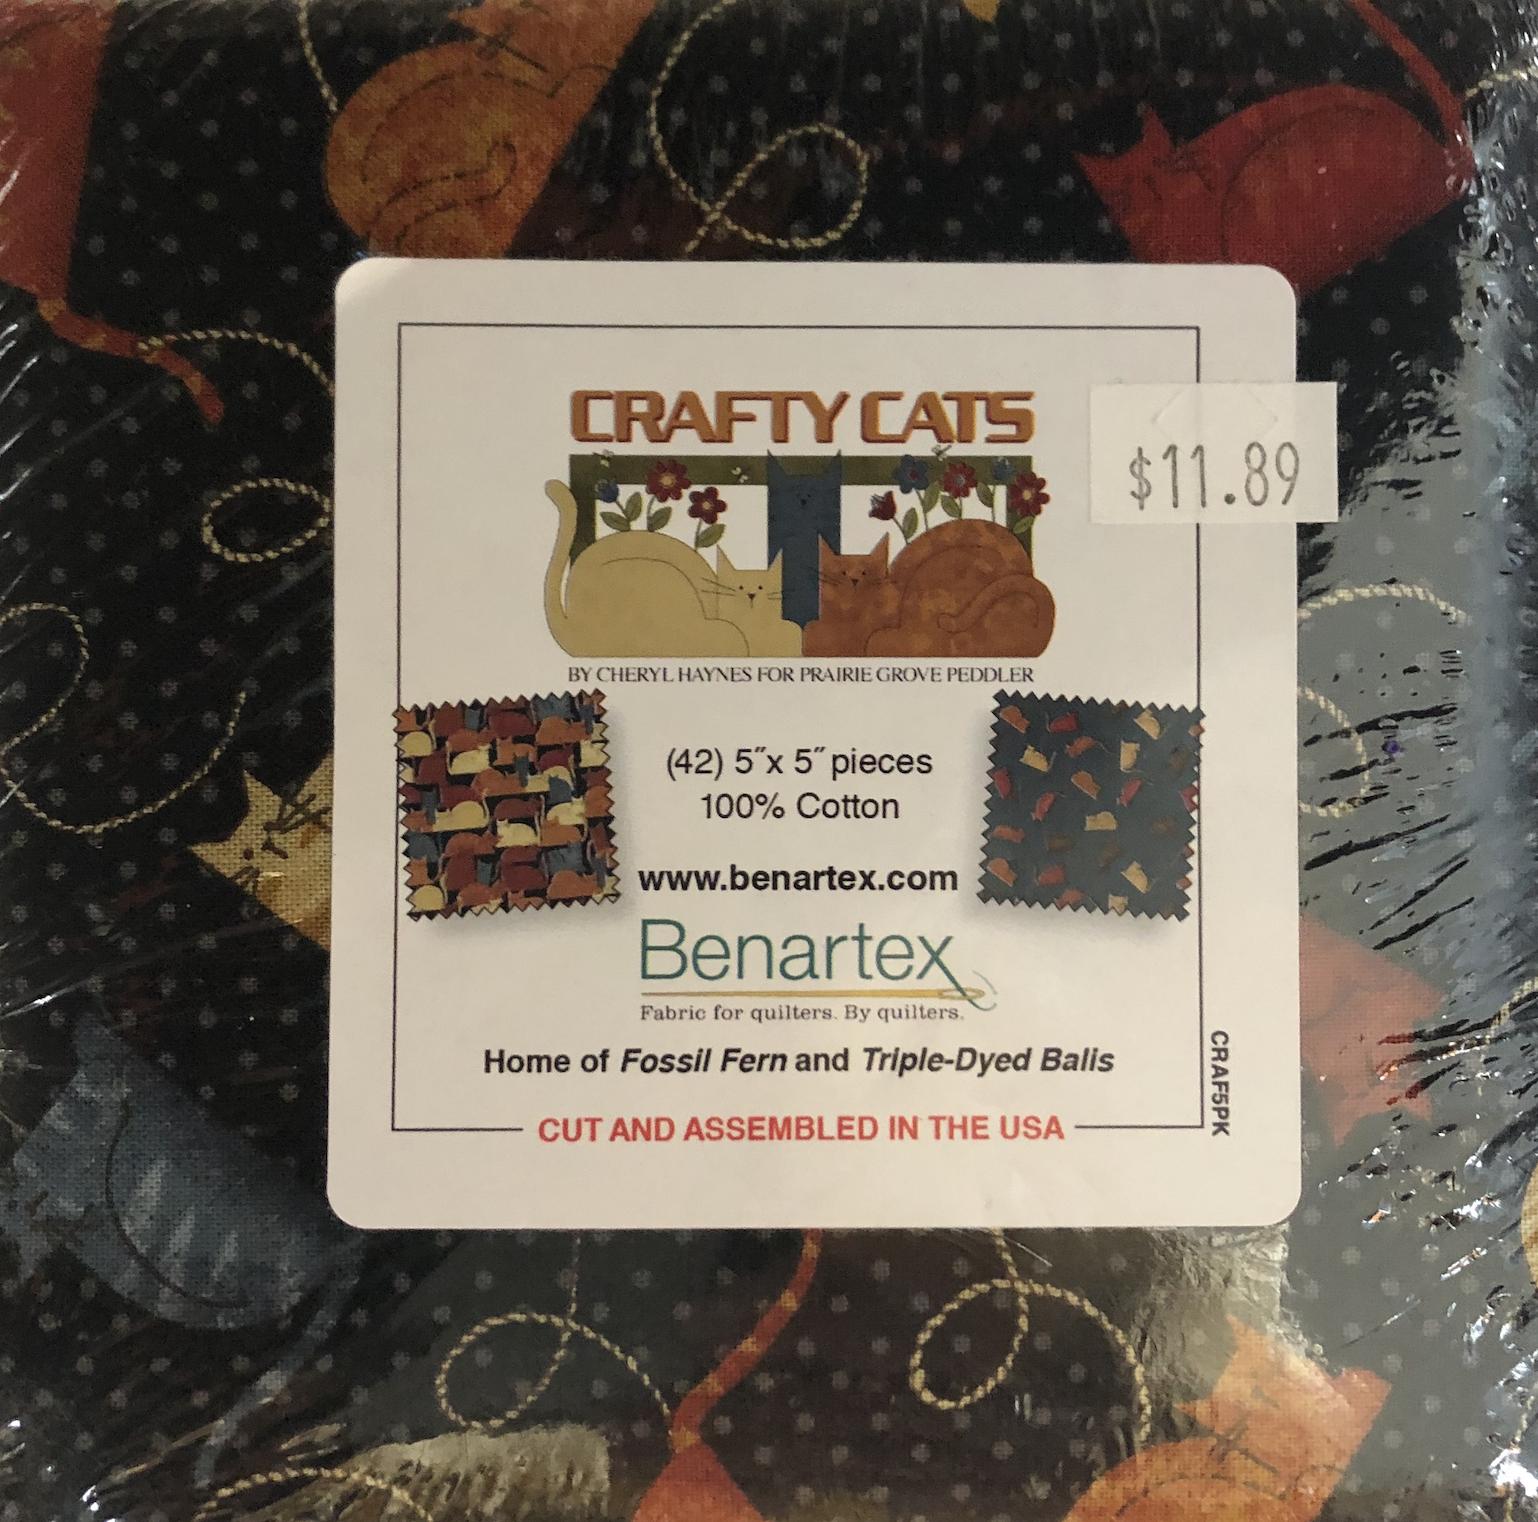 Benartex Crafty Cats 42 5 X 5 squares